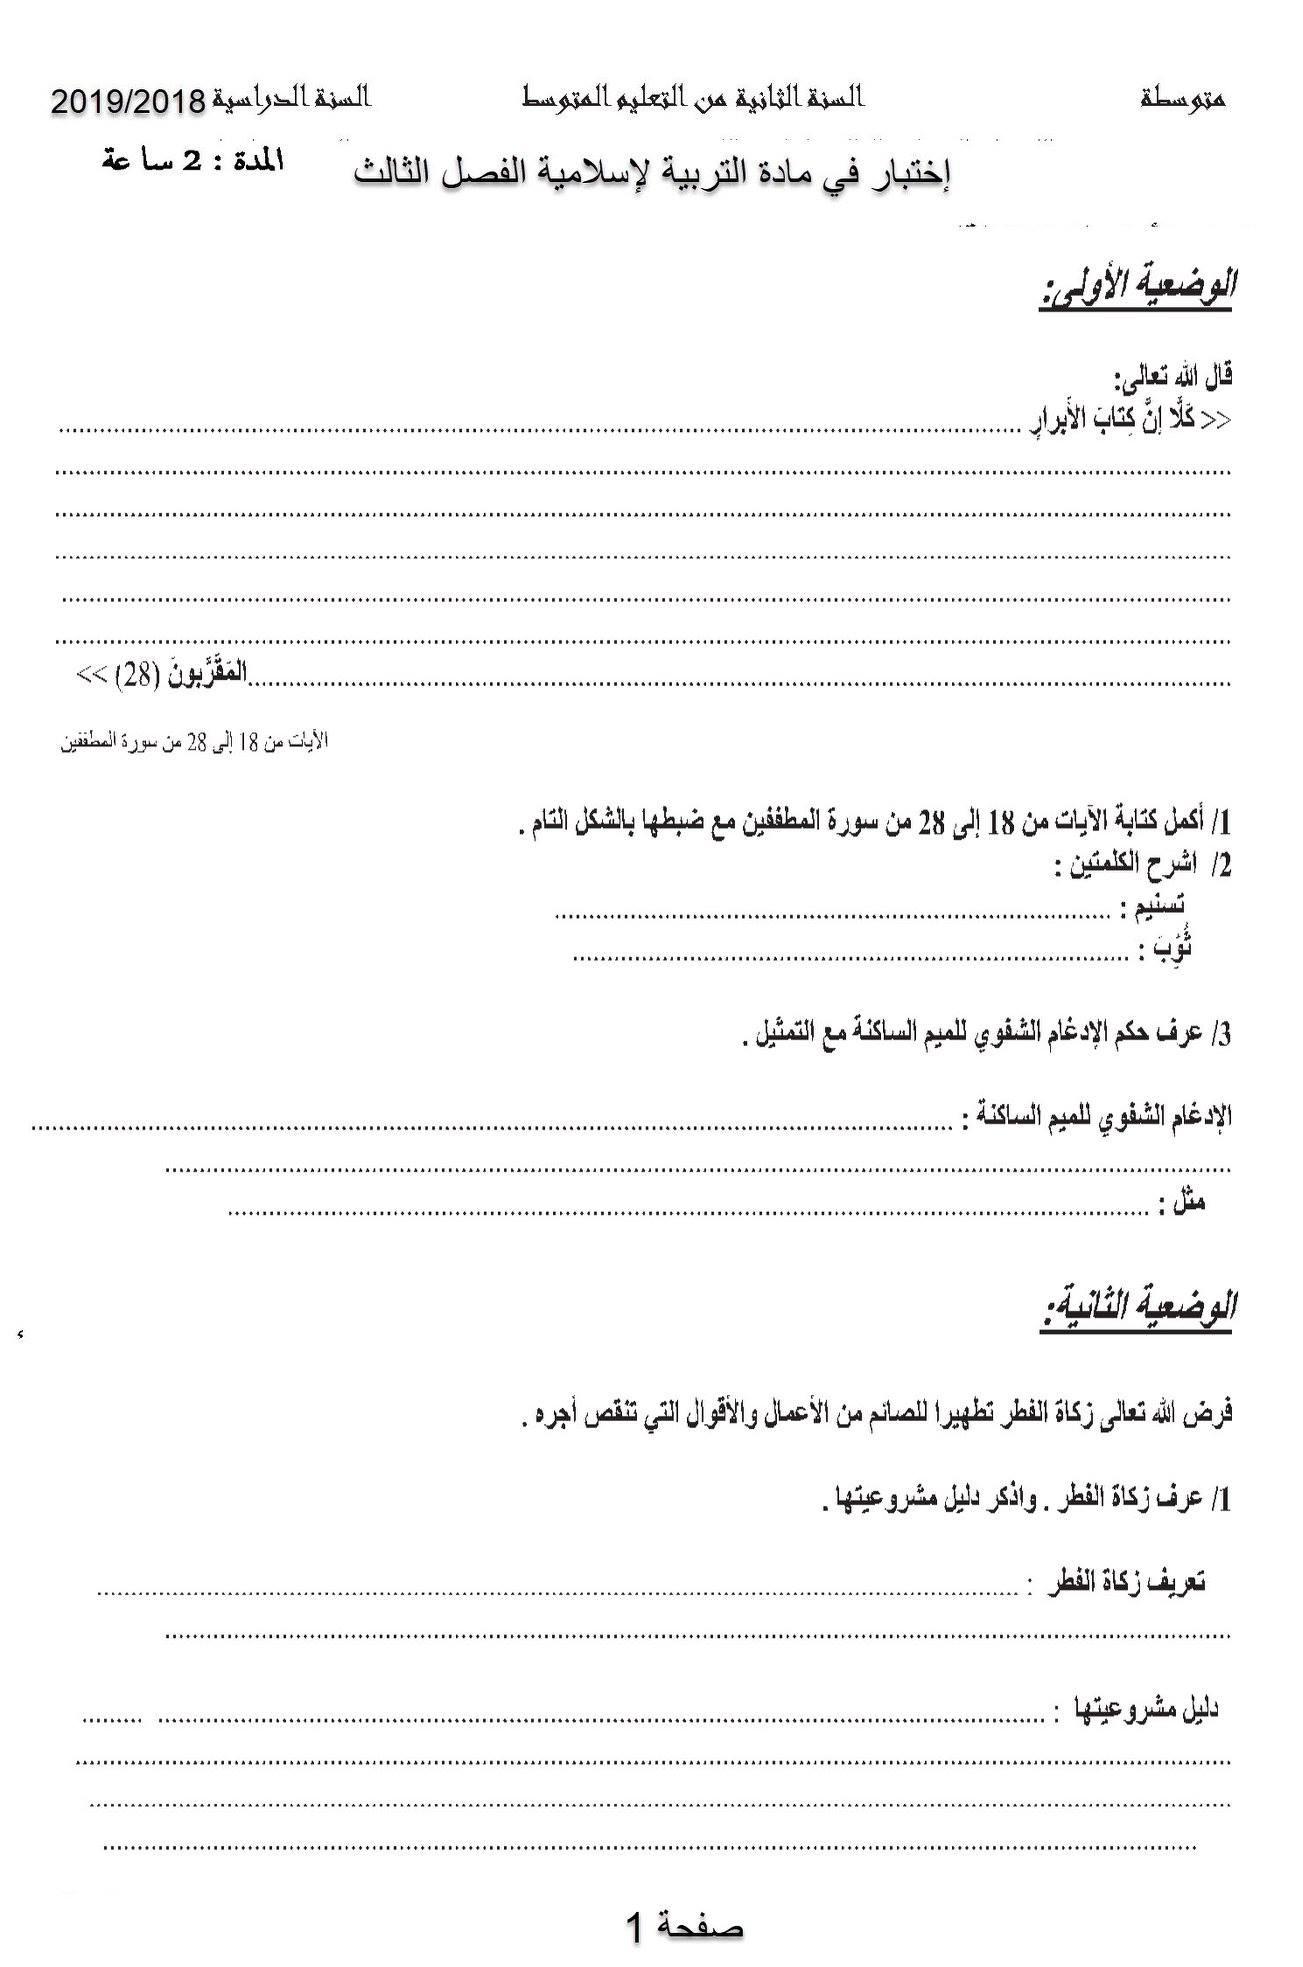 اختبار الفصل الثالث في التربية الاسلامية السنة الثانية متوسط   الموضوع 06